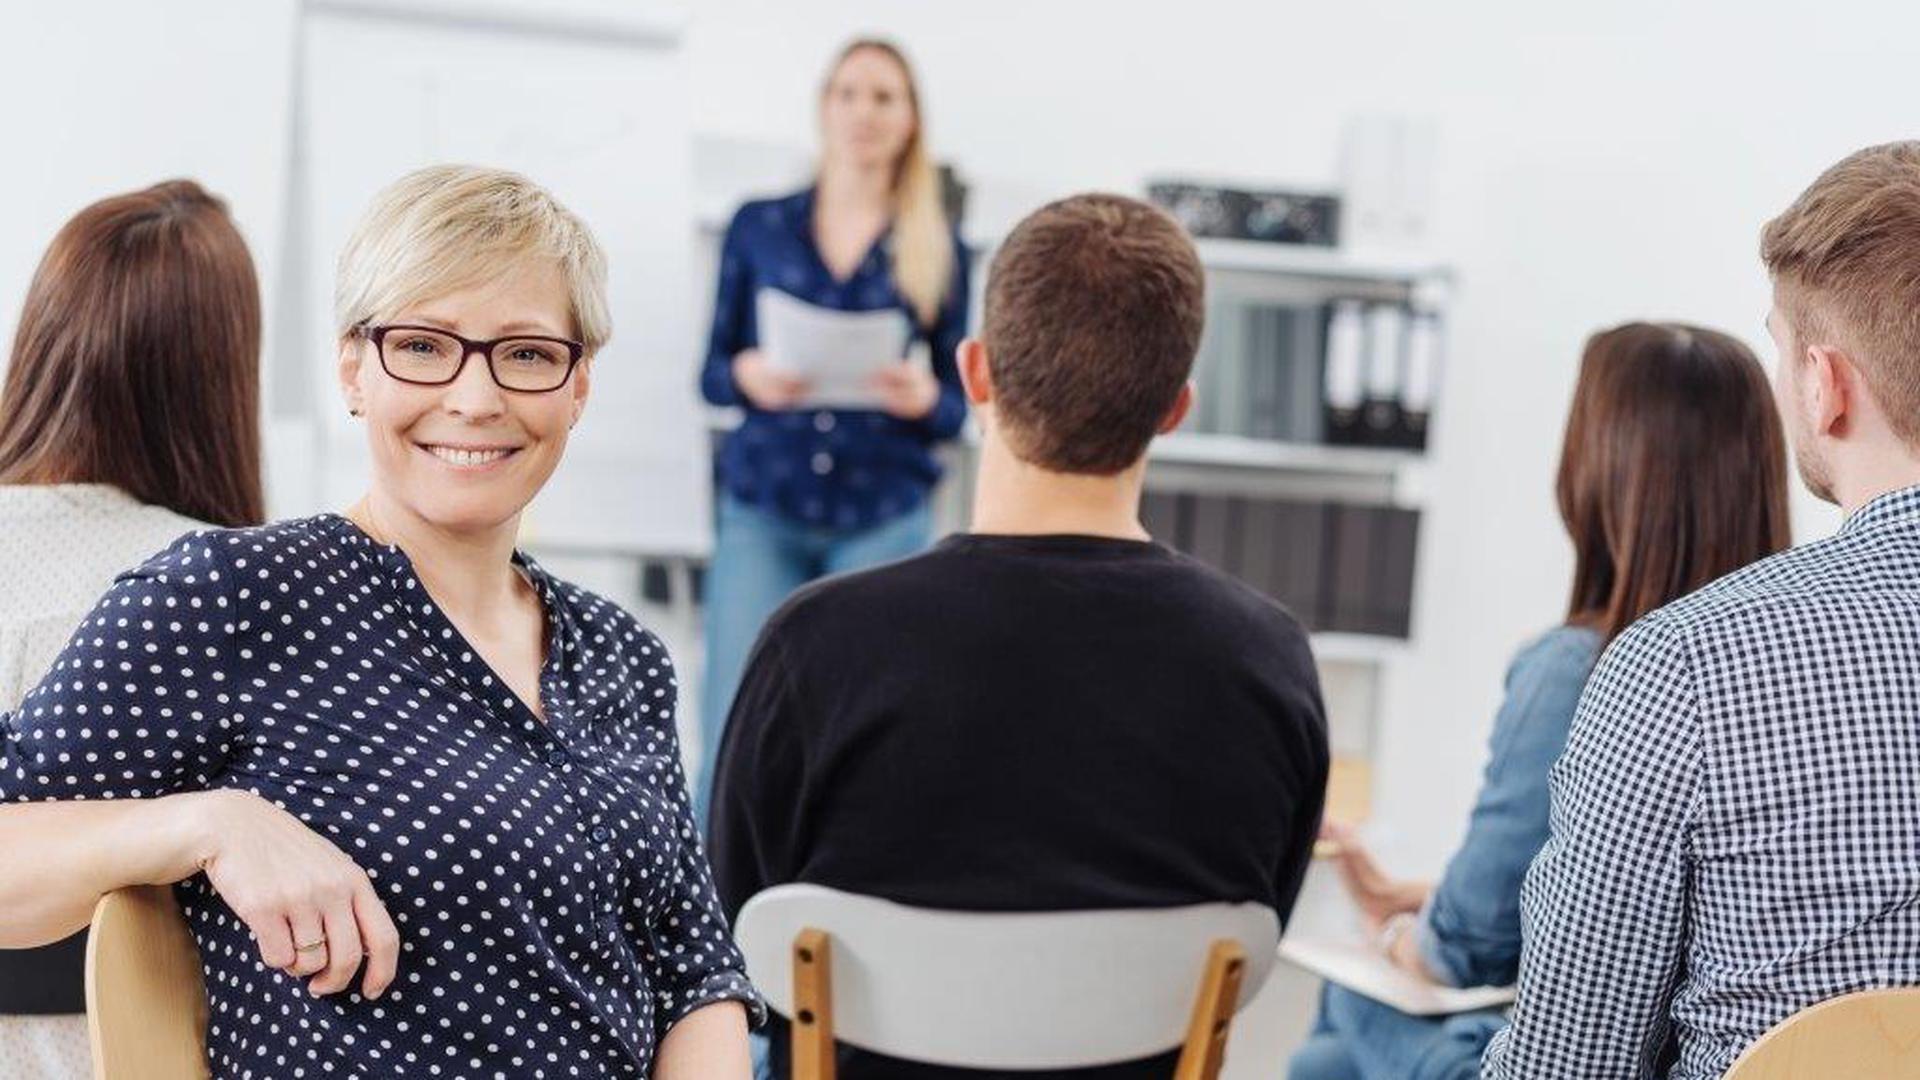 Egal, ob als Neuling im Arbeitsleben oder als erfahrene Fachkraft: Eine nebenberufliche Weiterbildung bietet zahlreiche Vorteile für Karriere und Entwicklung.